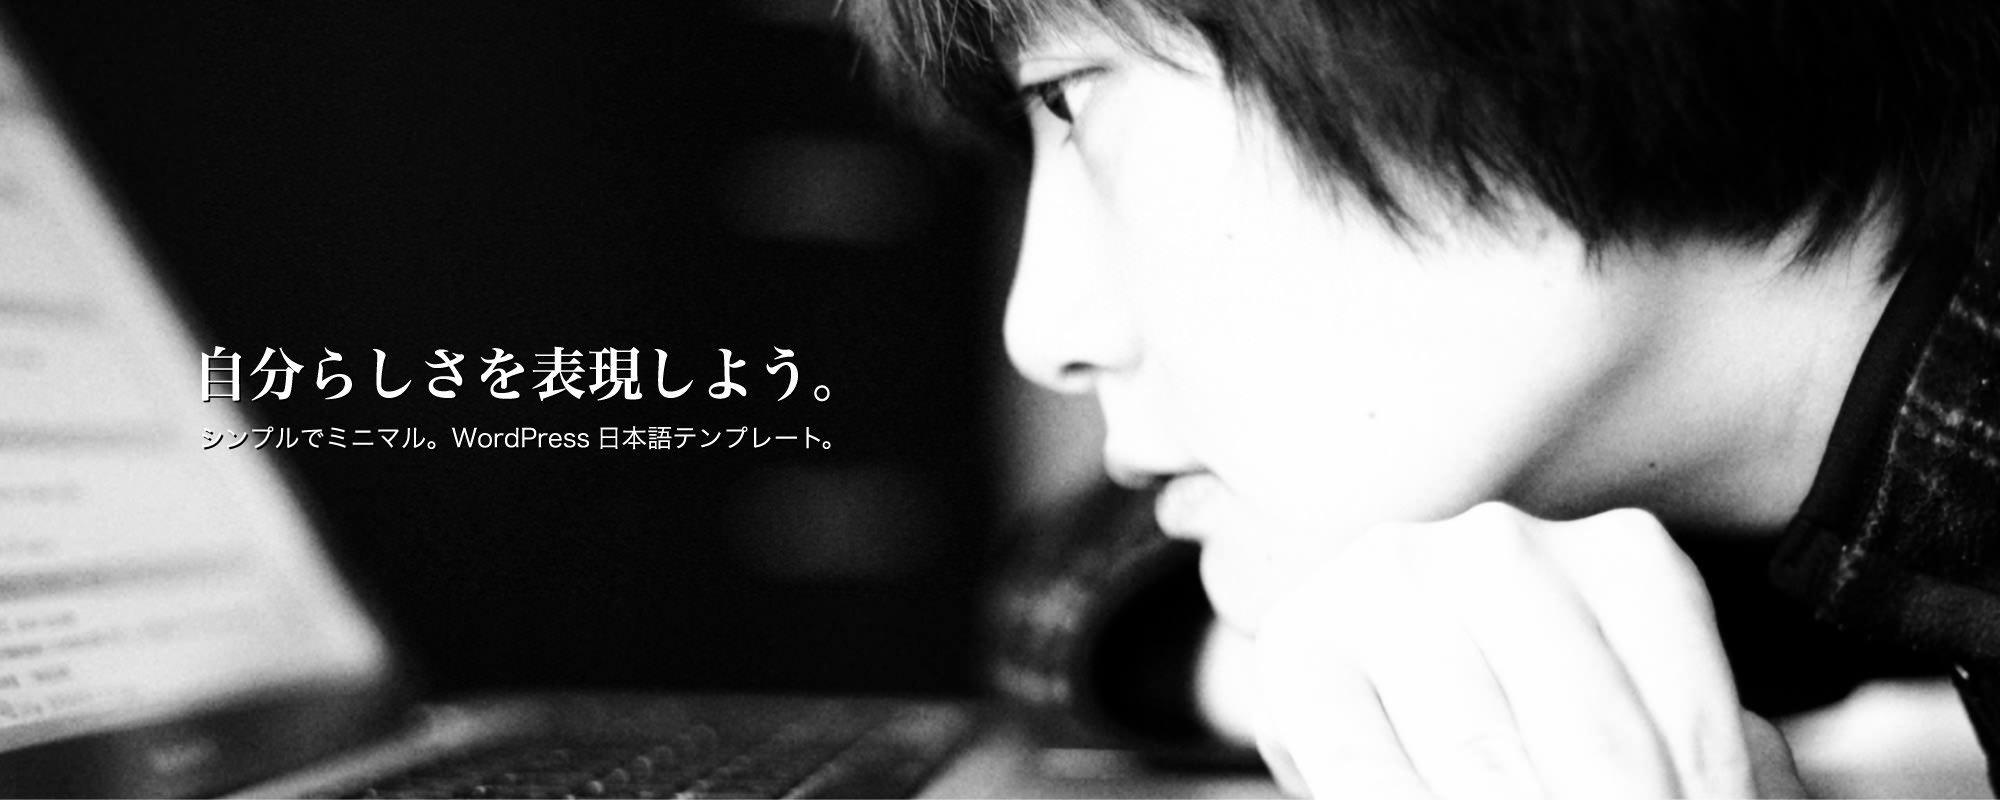 ワードプレステンプレート Minimal WP | 日本語でシンプル&おしゃれな有料WordPressテーマ